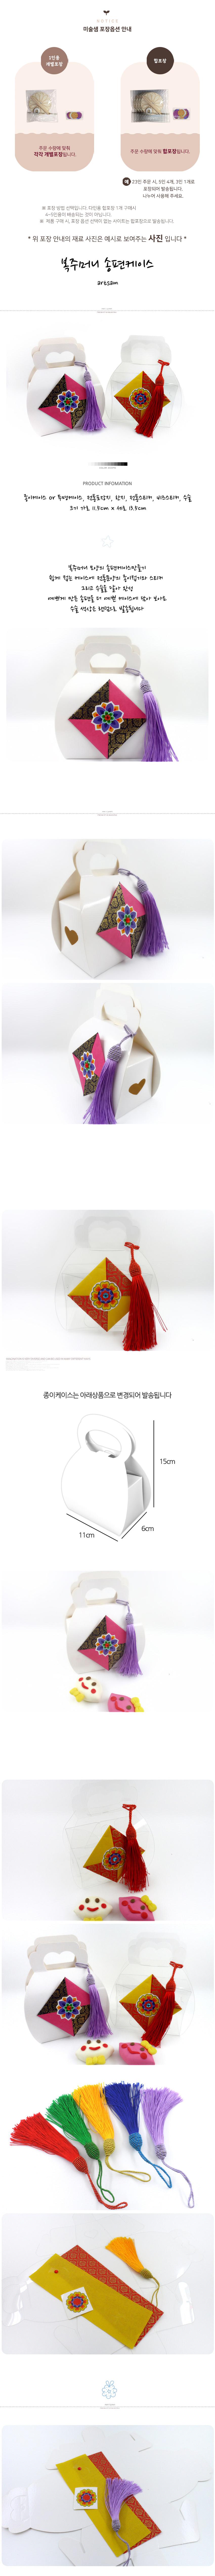 복주머니 송편케이스 5인용 - 미술샘, 7,500원, 종이공예/북아트, 소품 패키지